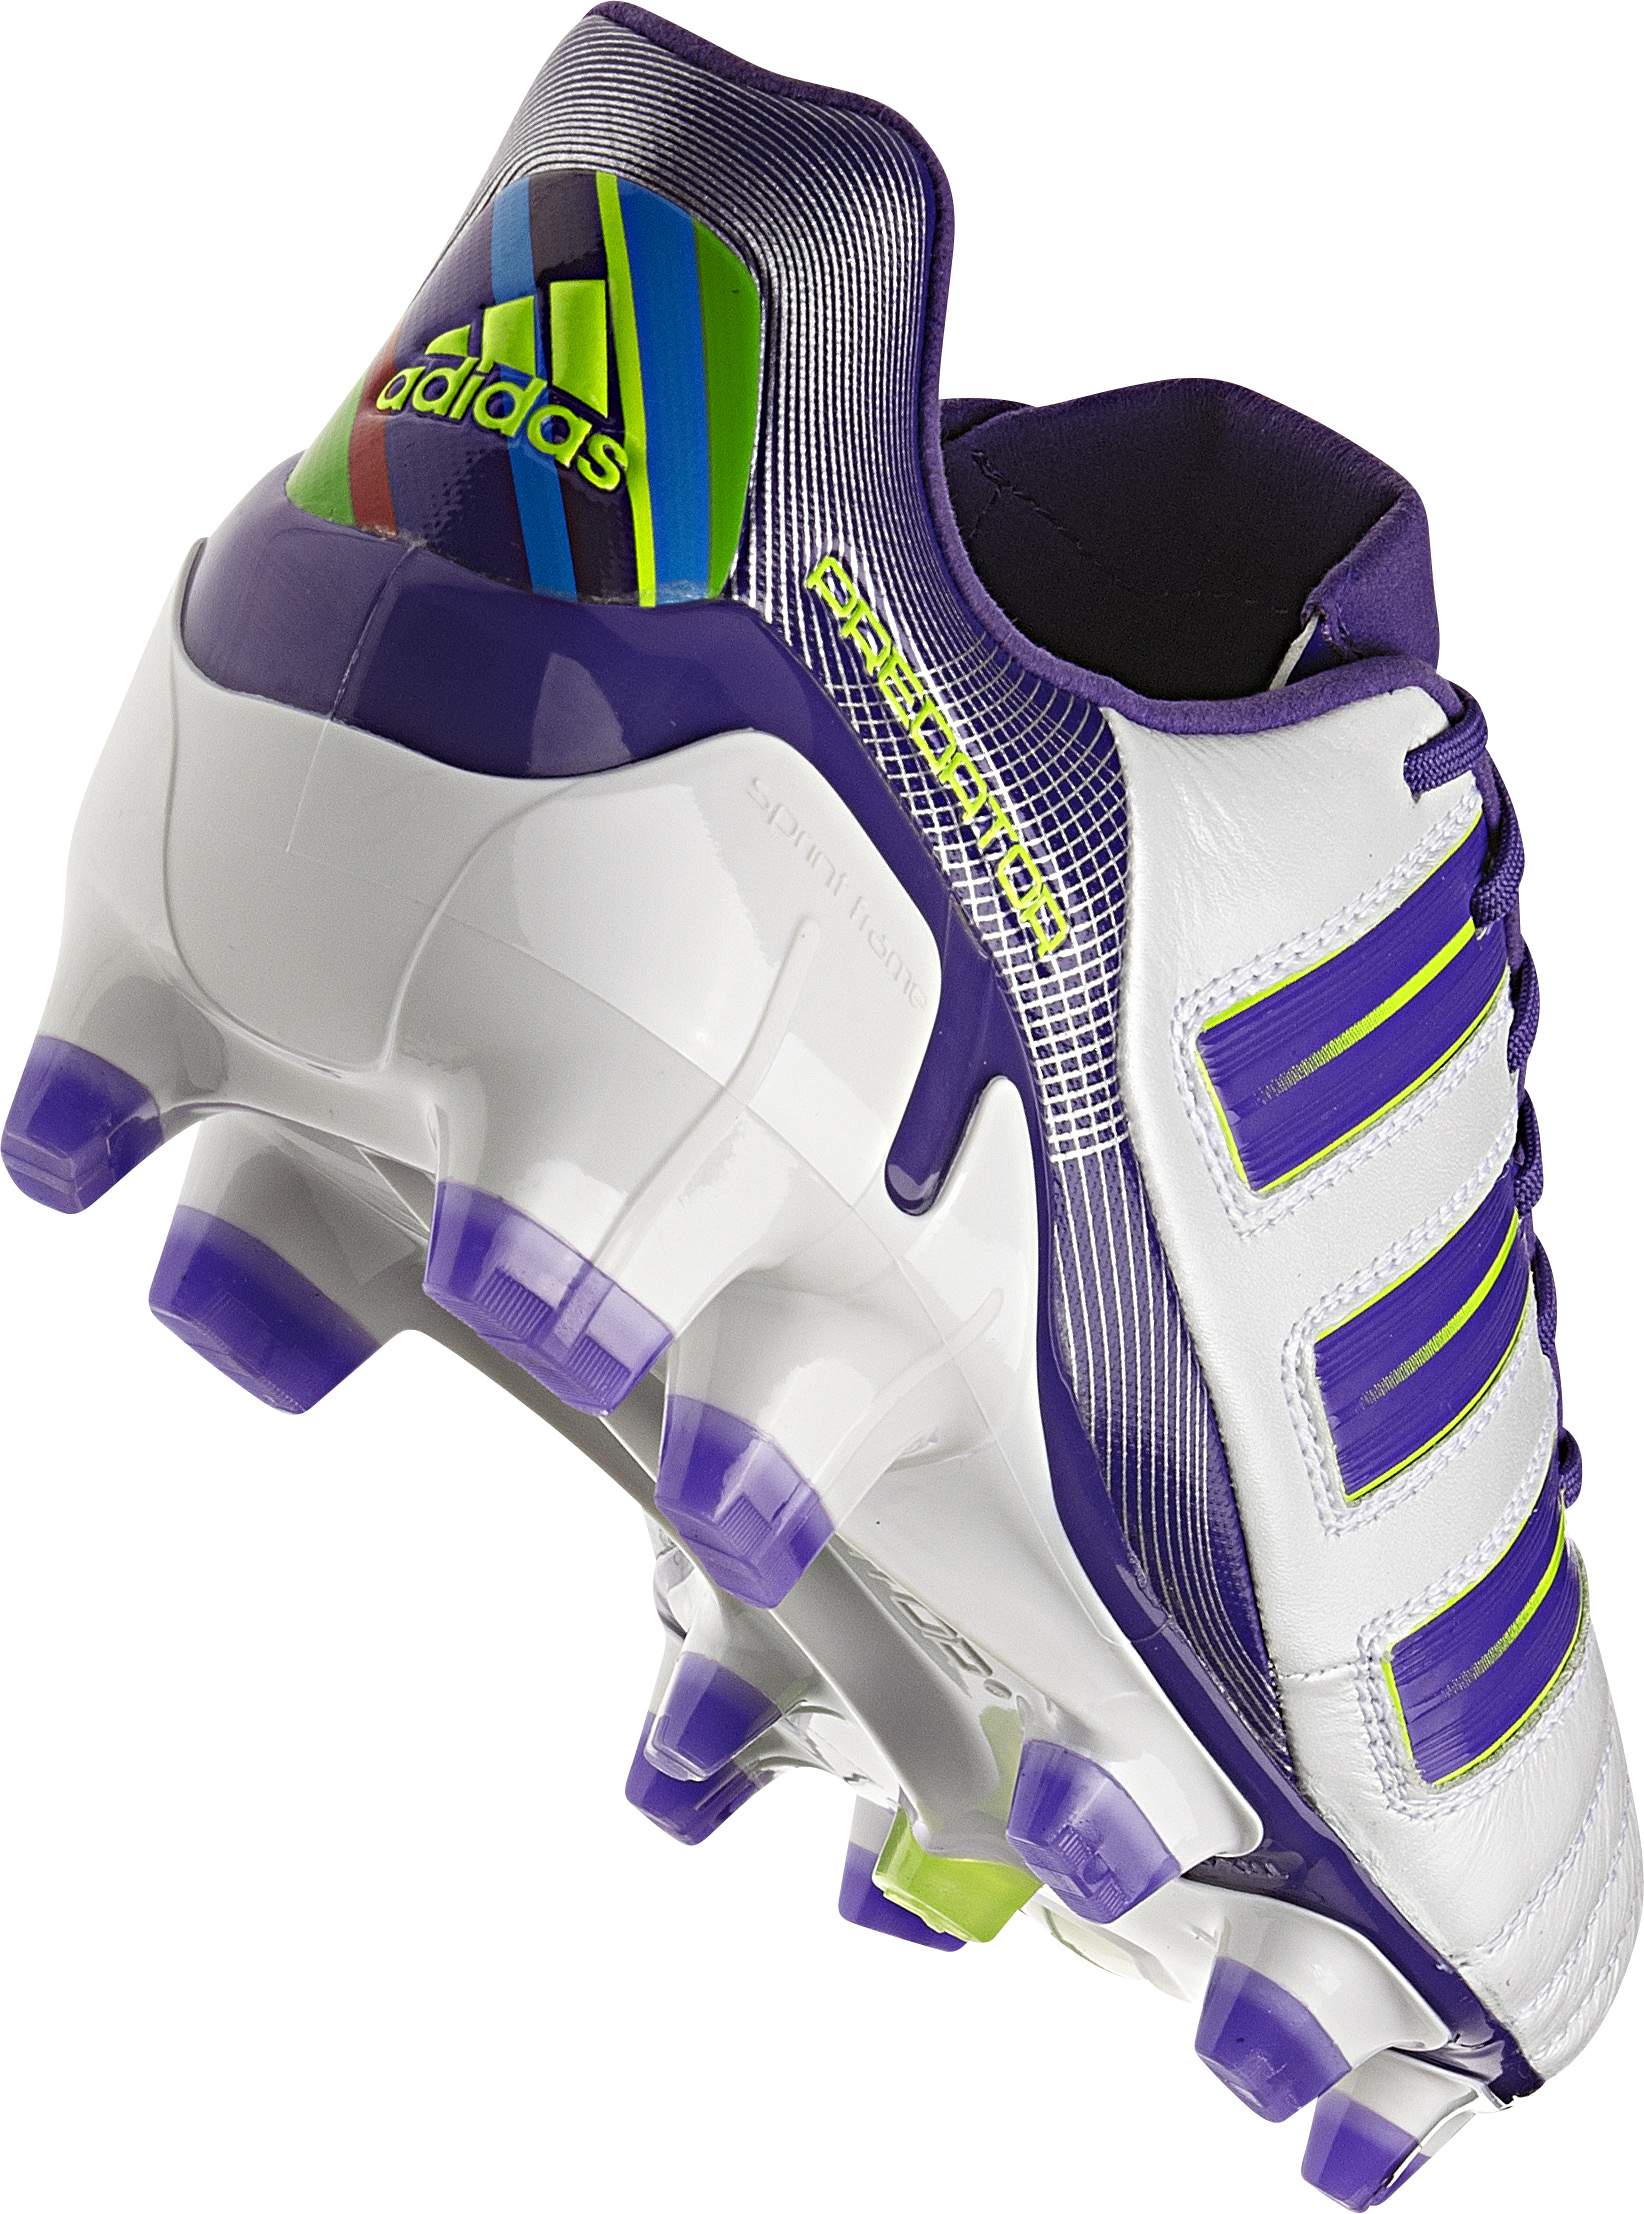 adidas predator 2011